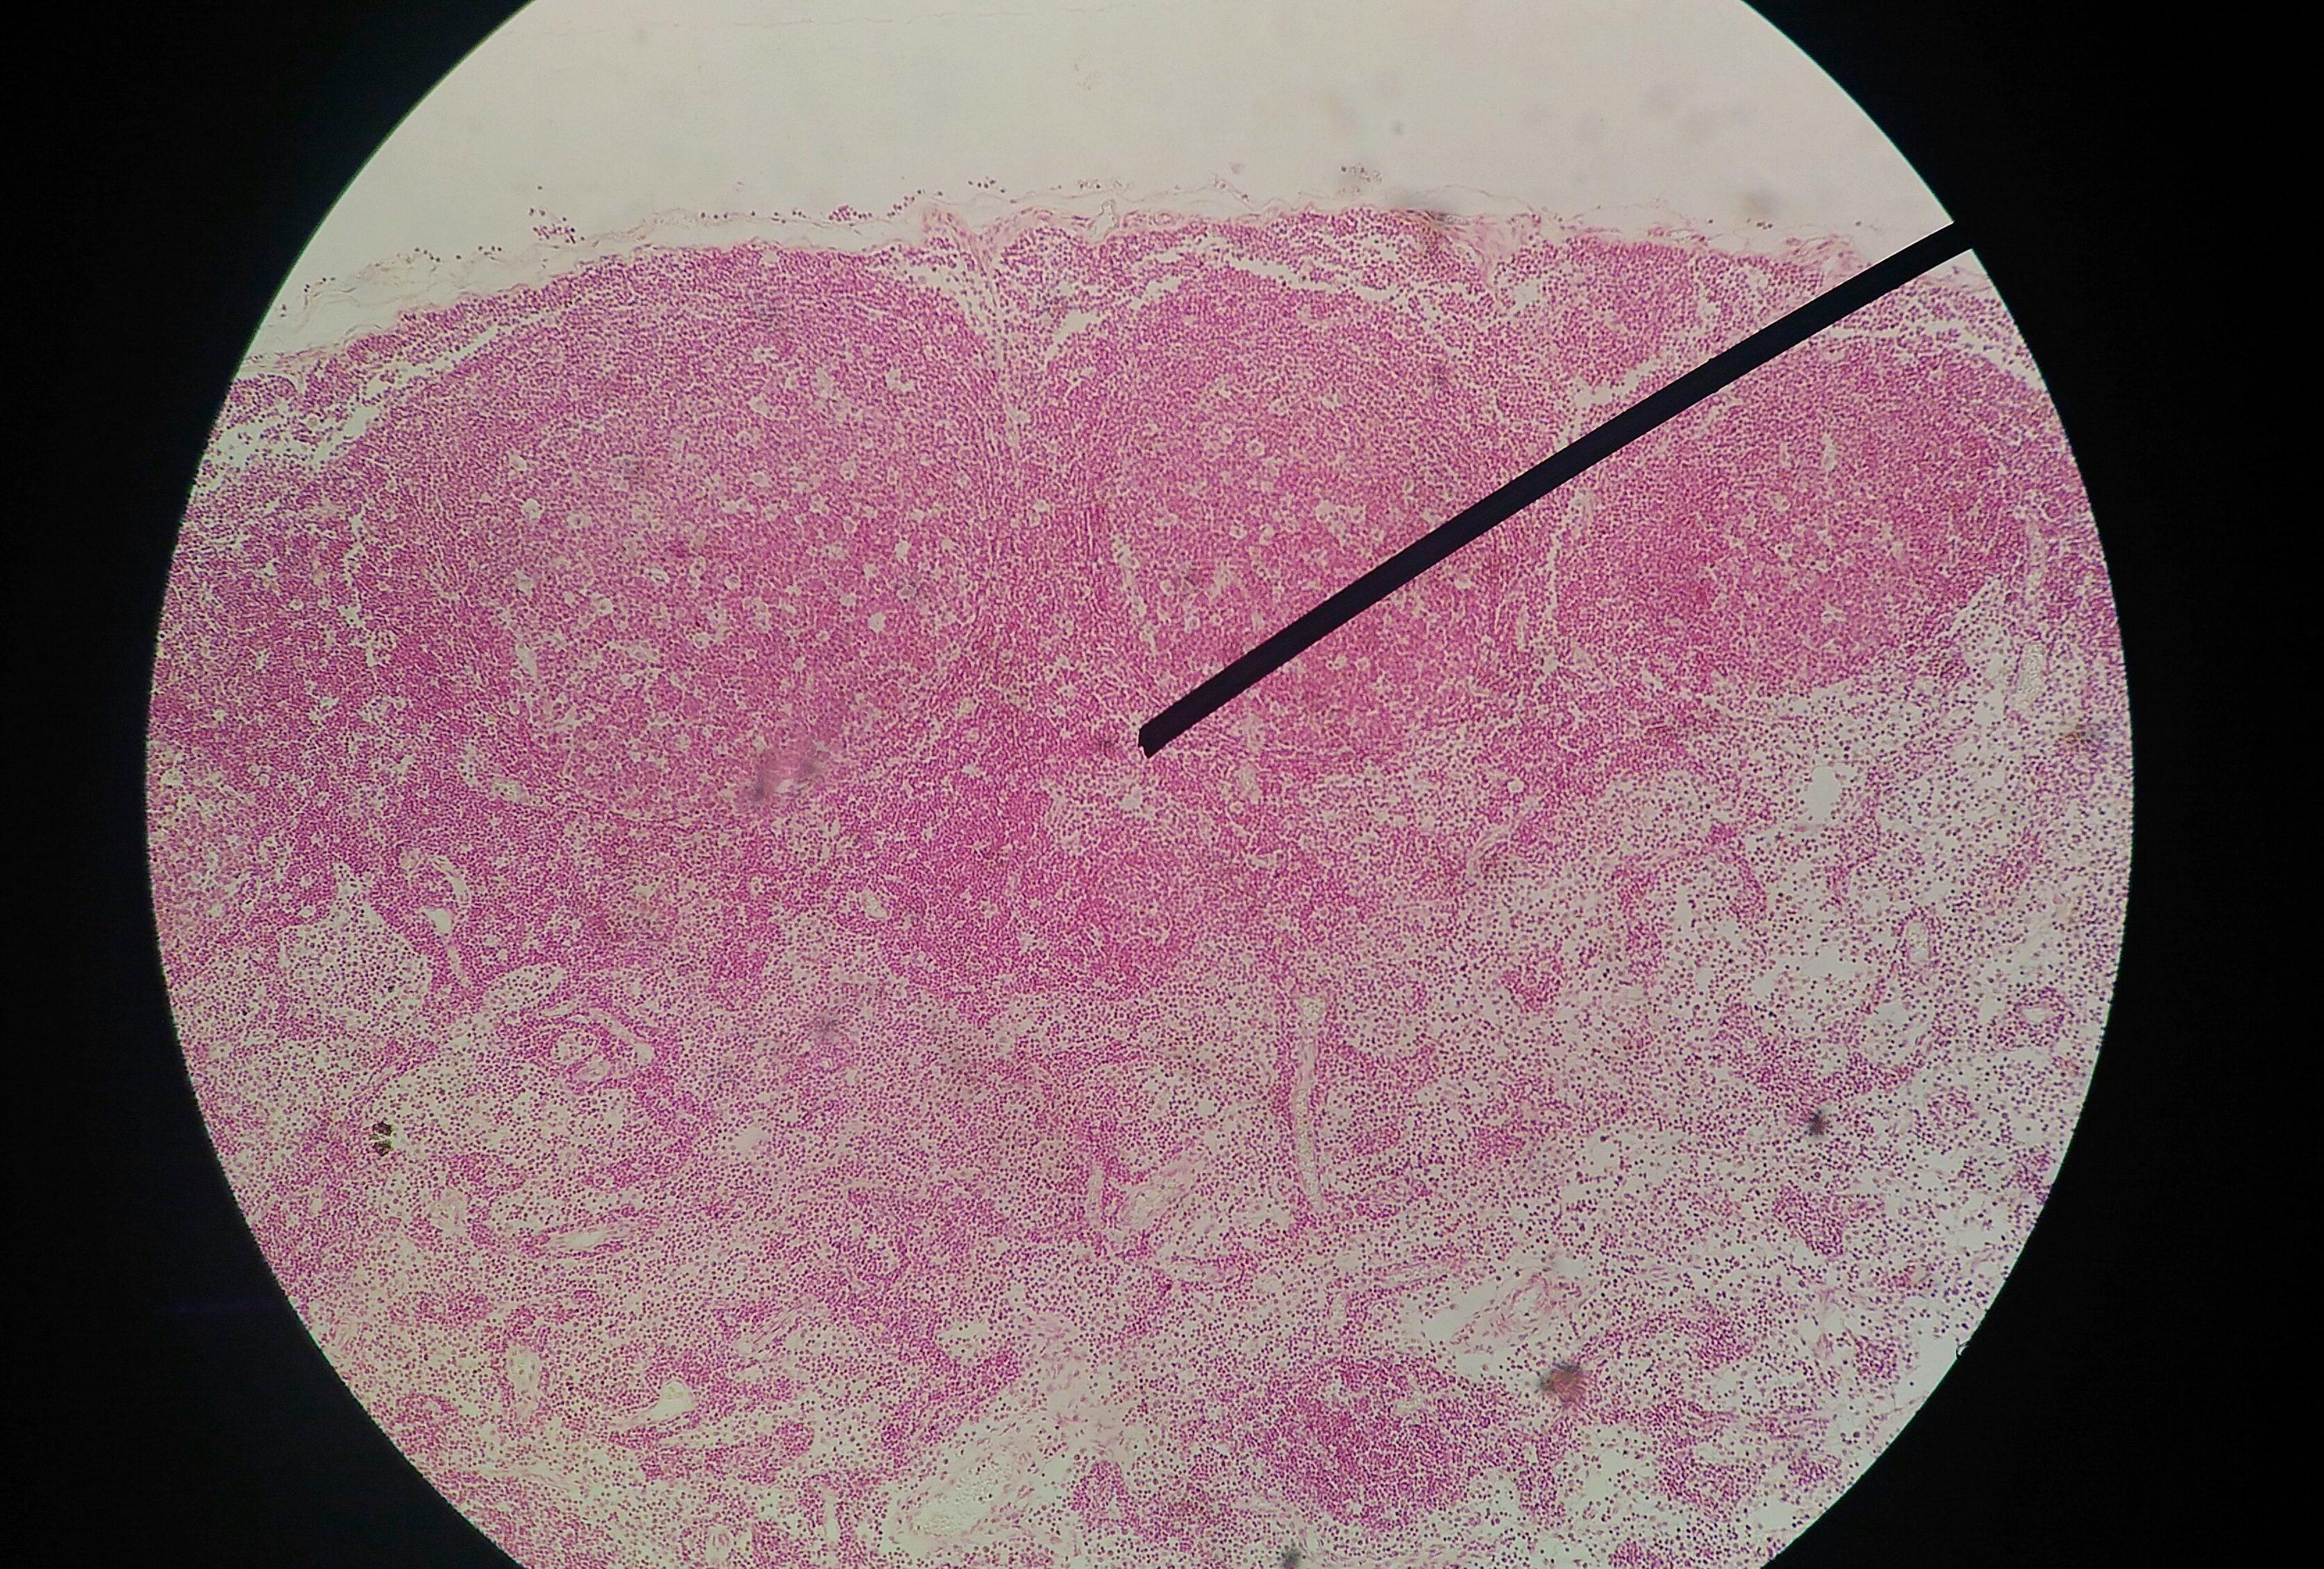 papilloma virus nel pap test)